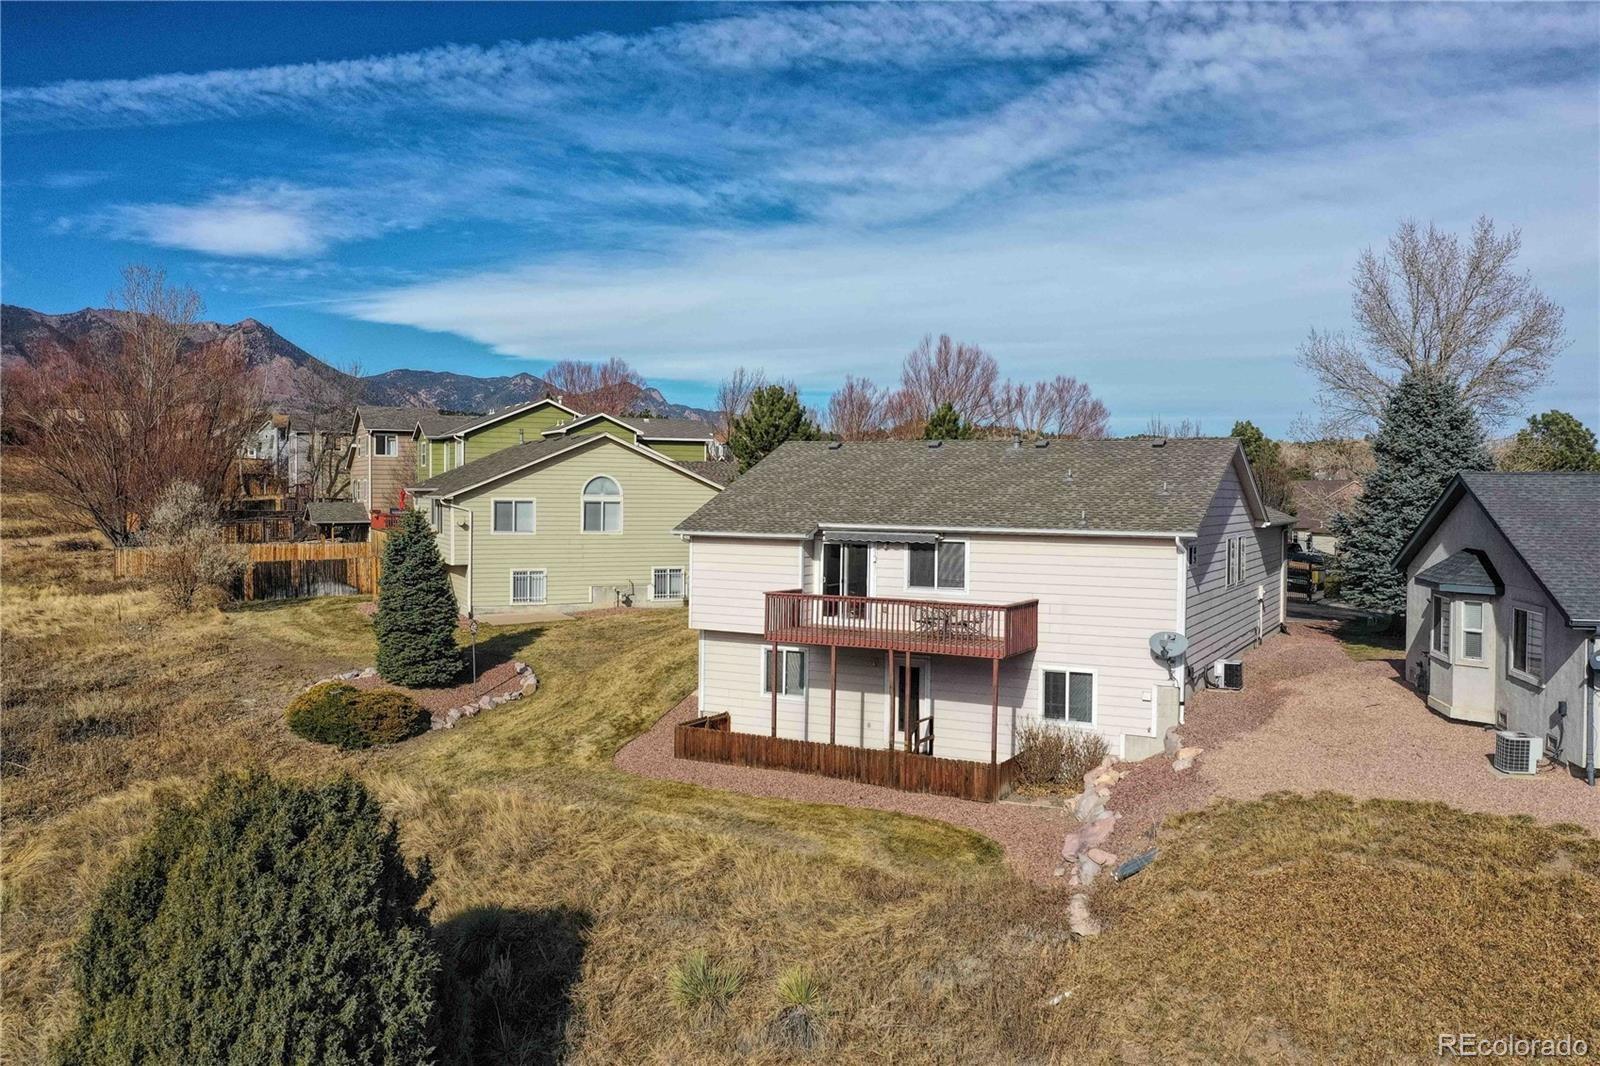 MLS# 5664422 - 37 - 6265 Retreat Point, Colorado Springs, CO 80919